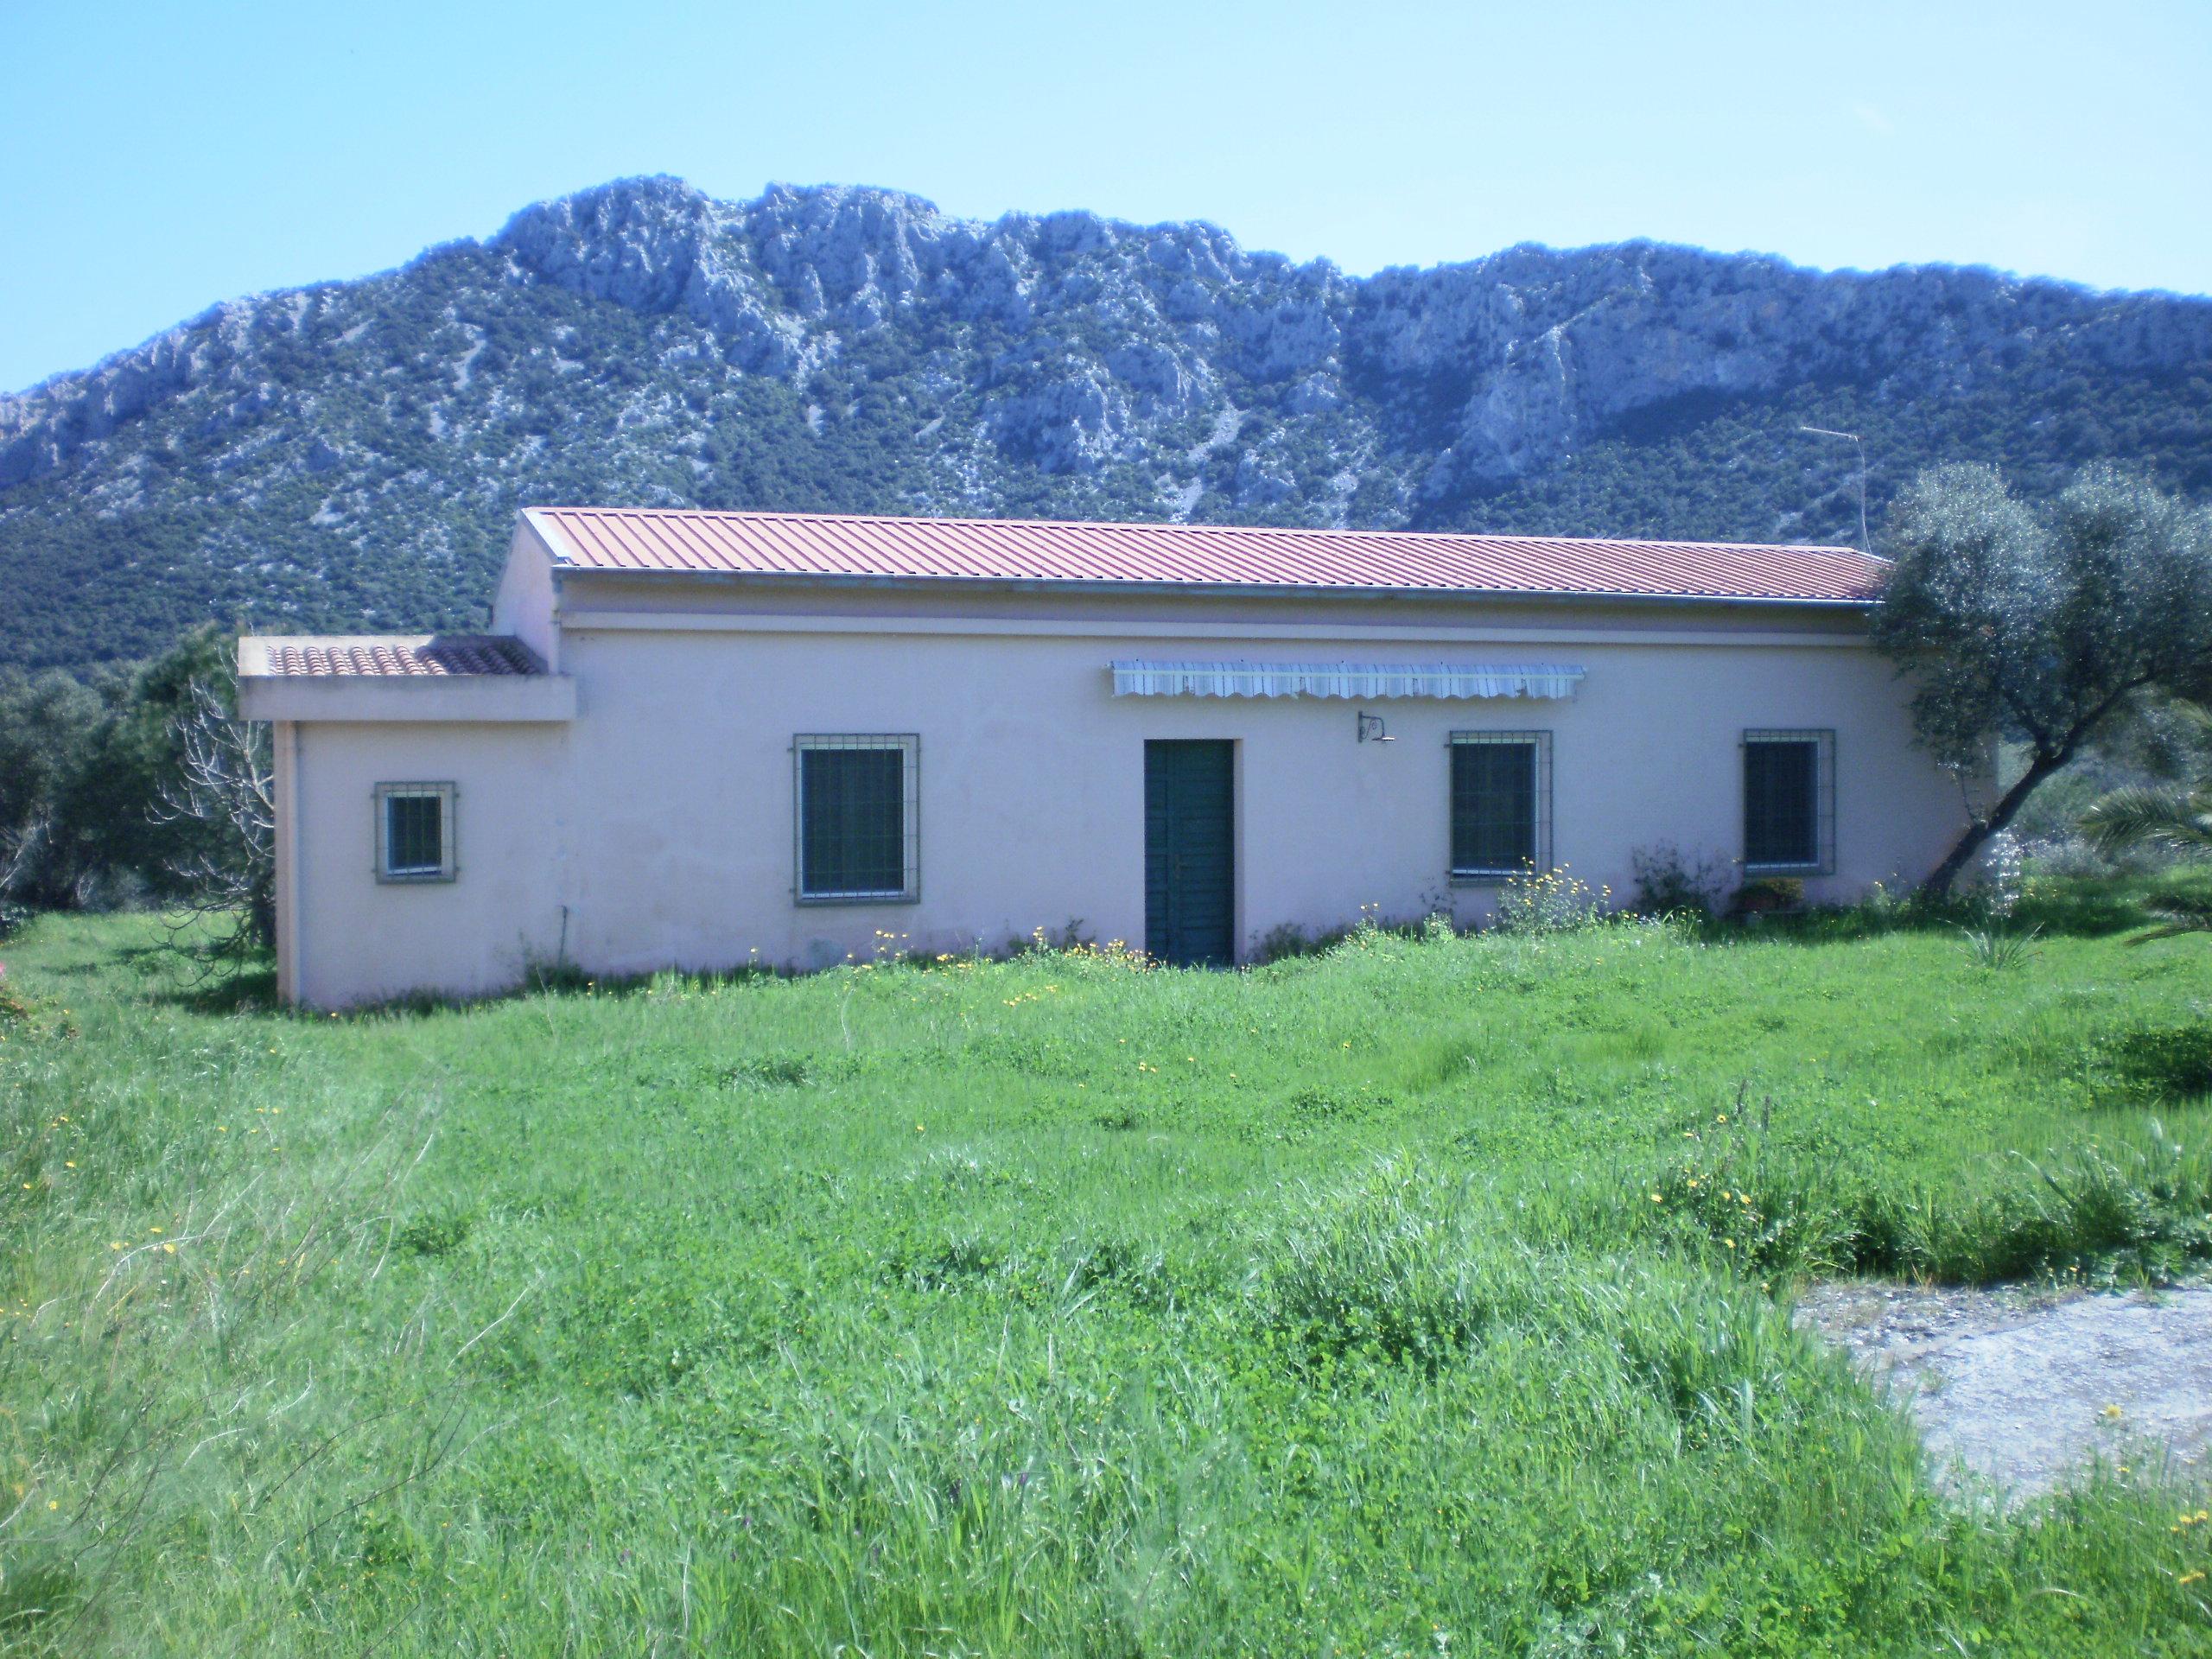 Vente terrain agricole dorgali nuoro italie loc for Agrandissement maison terrain agricole